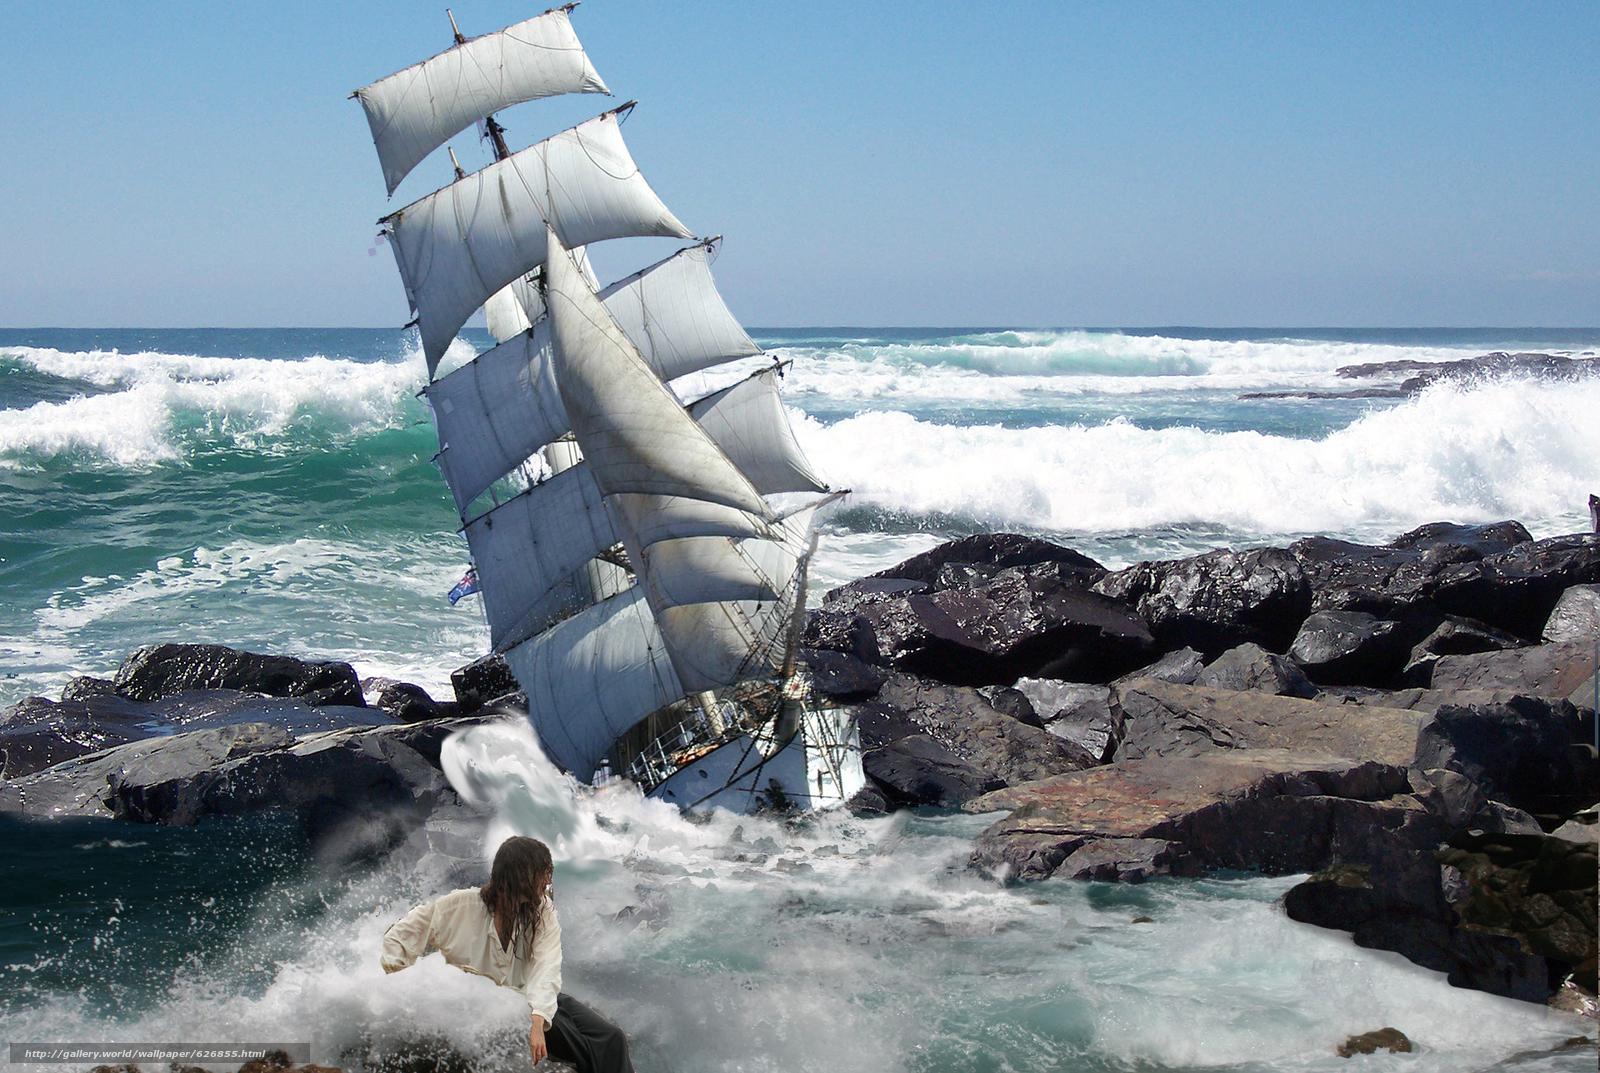 Скачать на телефон обои фото картинку на тему море, шторм, корабль, скалы, разширение 1920x1287